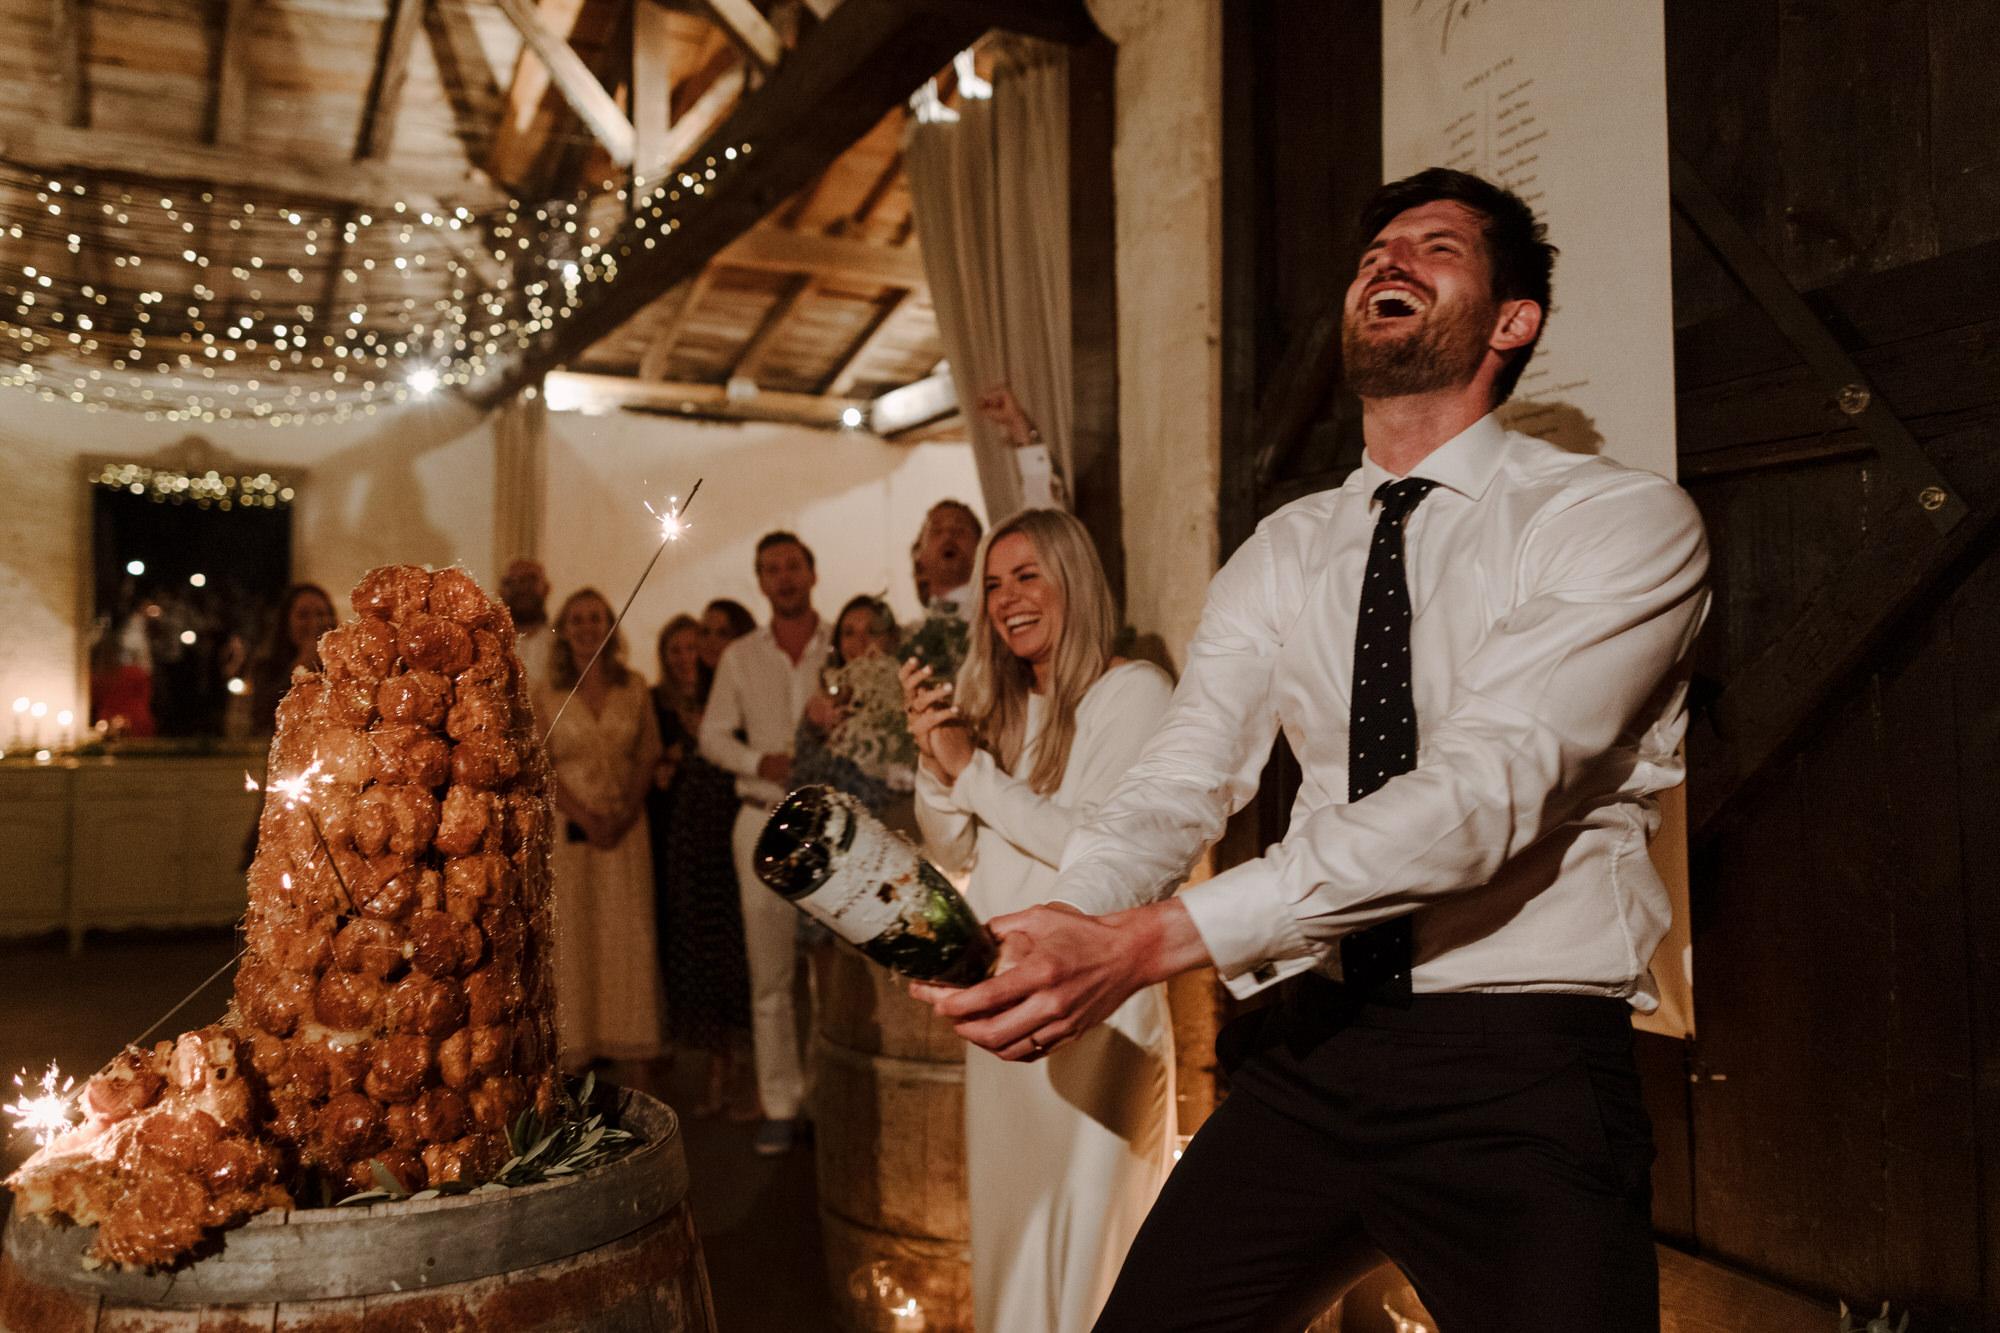 Chateau Rigaud Wedding Photography 21-15-27-CQ2A4372-R+L.jpg